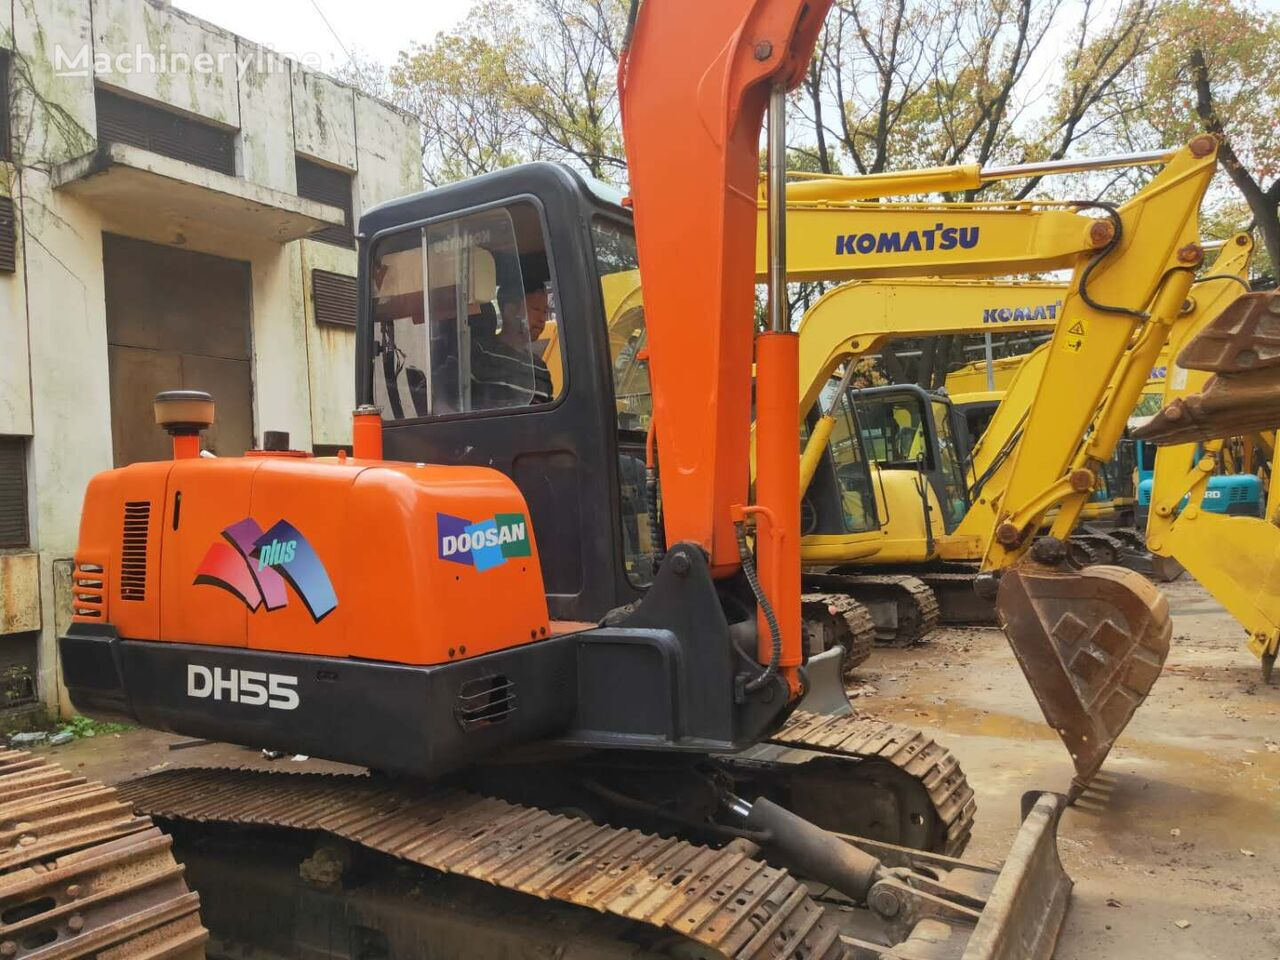 DOOSAN 55 tracked excavator